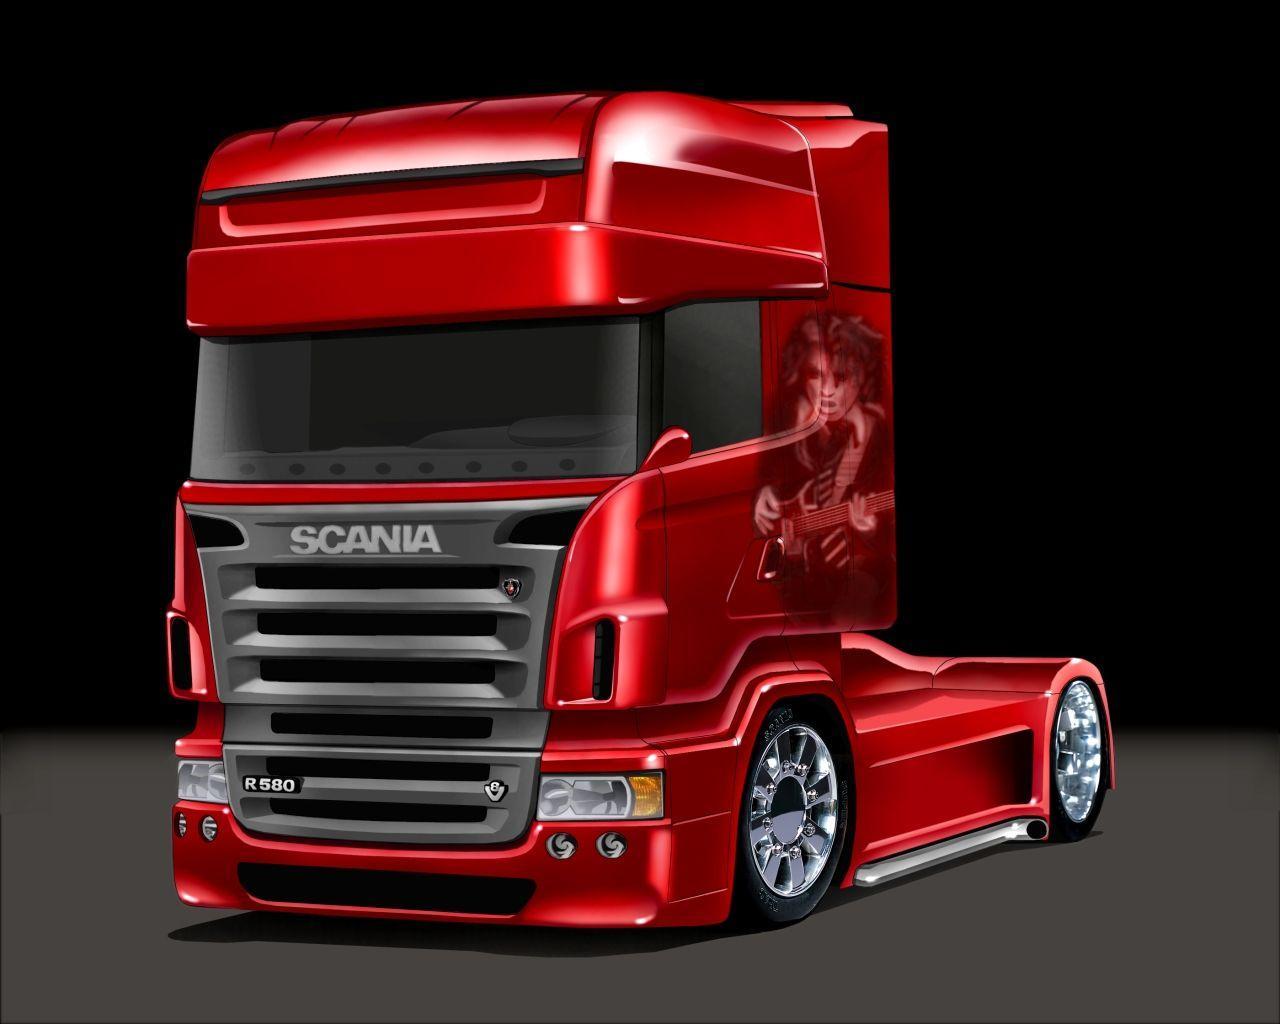 Scania Trucks <b>Wallpapers</b> - <b>Wallpaper</b> Cave